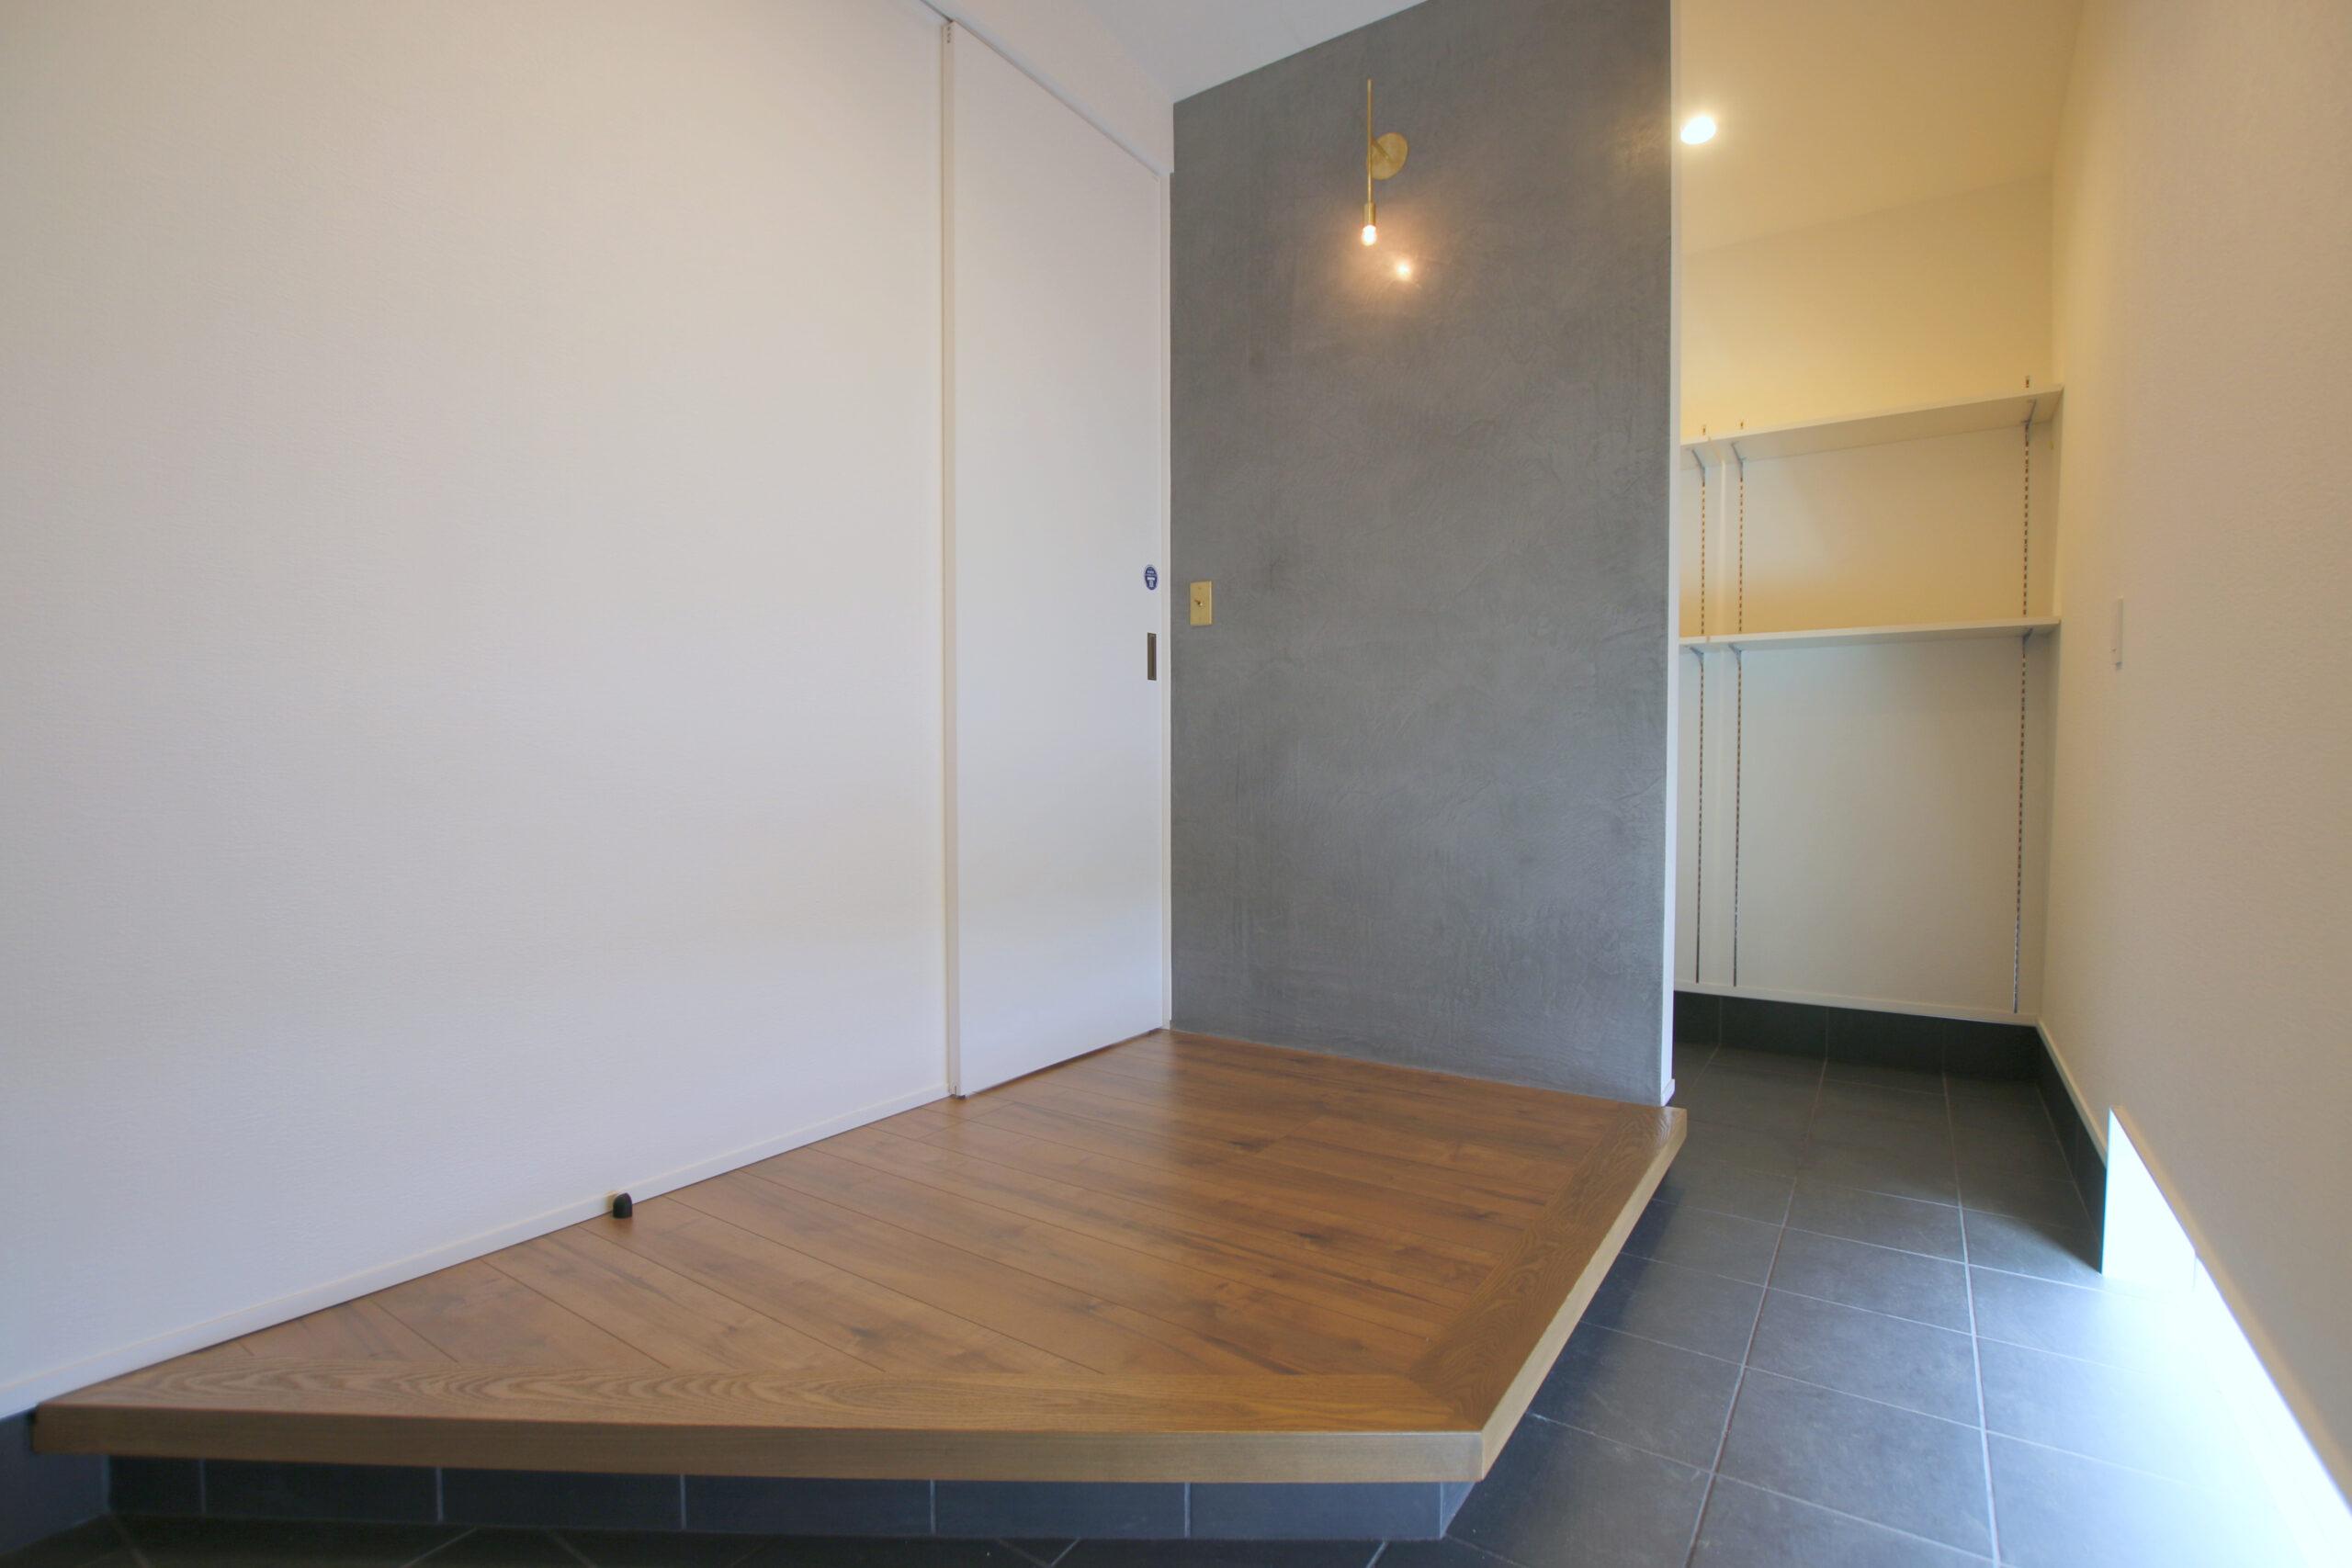 モルタル風の塗り壁とお気に入りの照明が出迎えます。